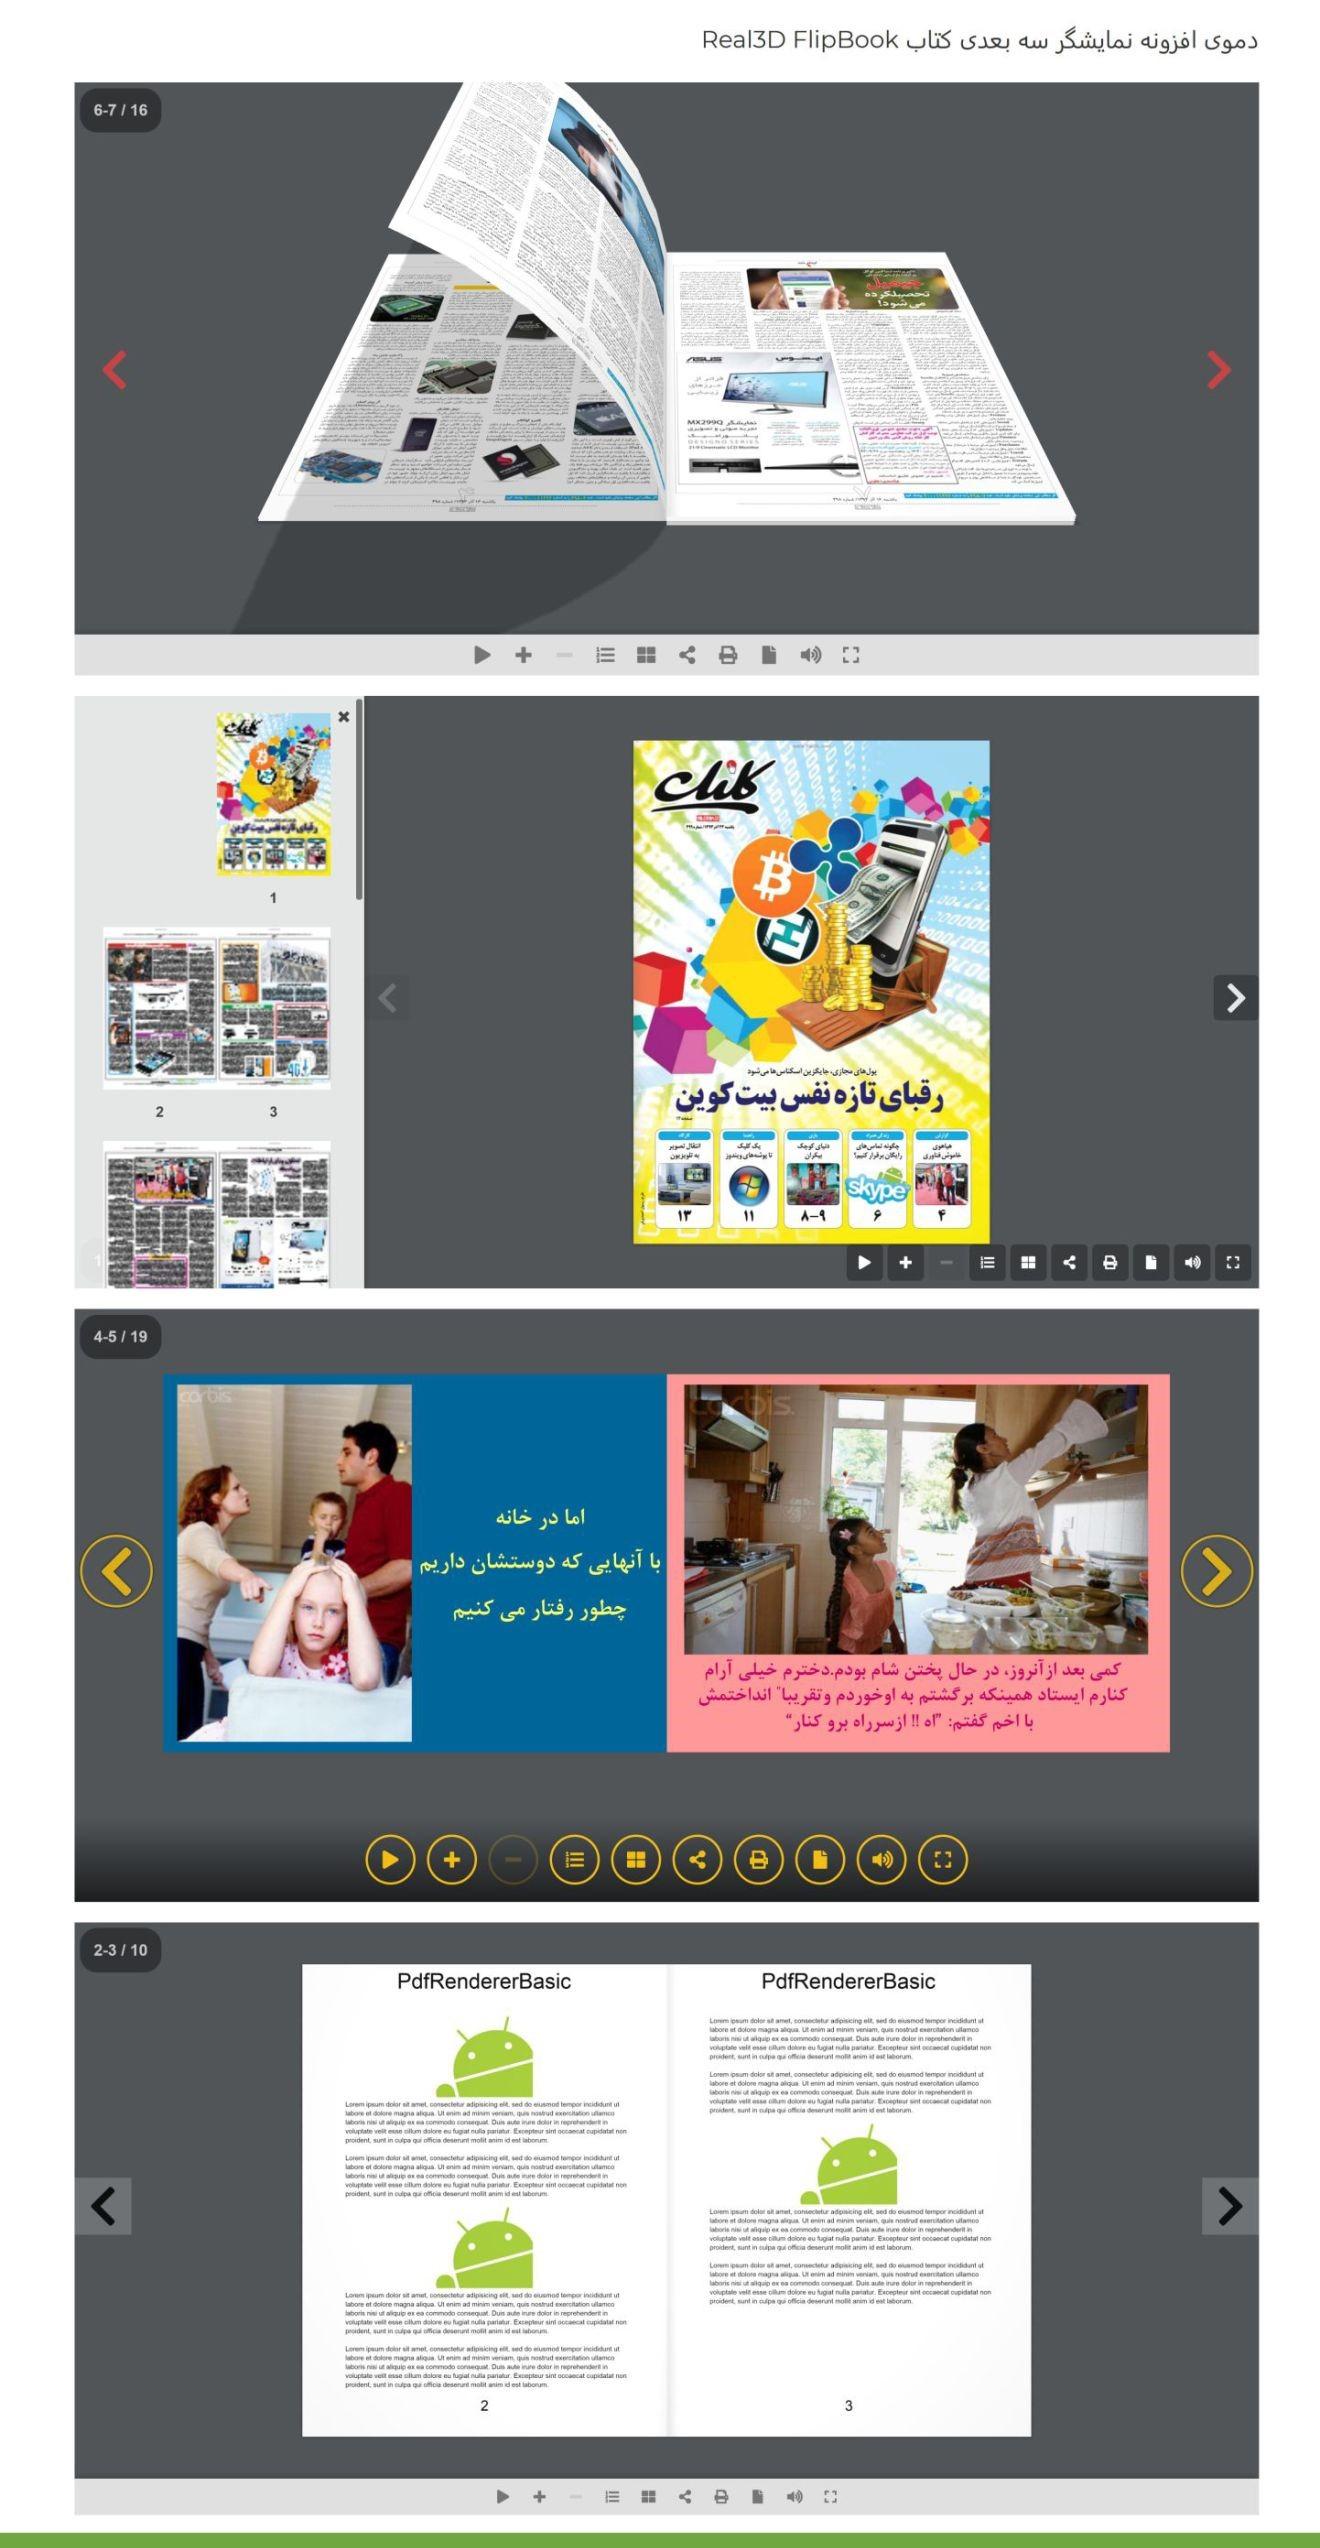 افزونه نمایشگر سه بعدی کتاب Real3D FlipBook 2